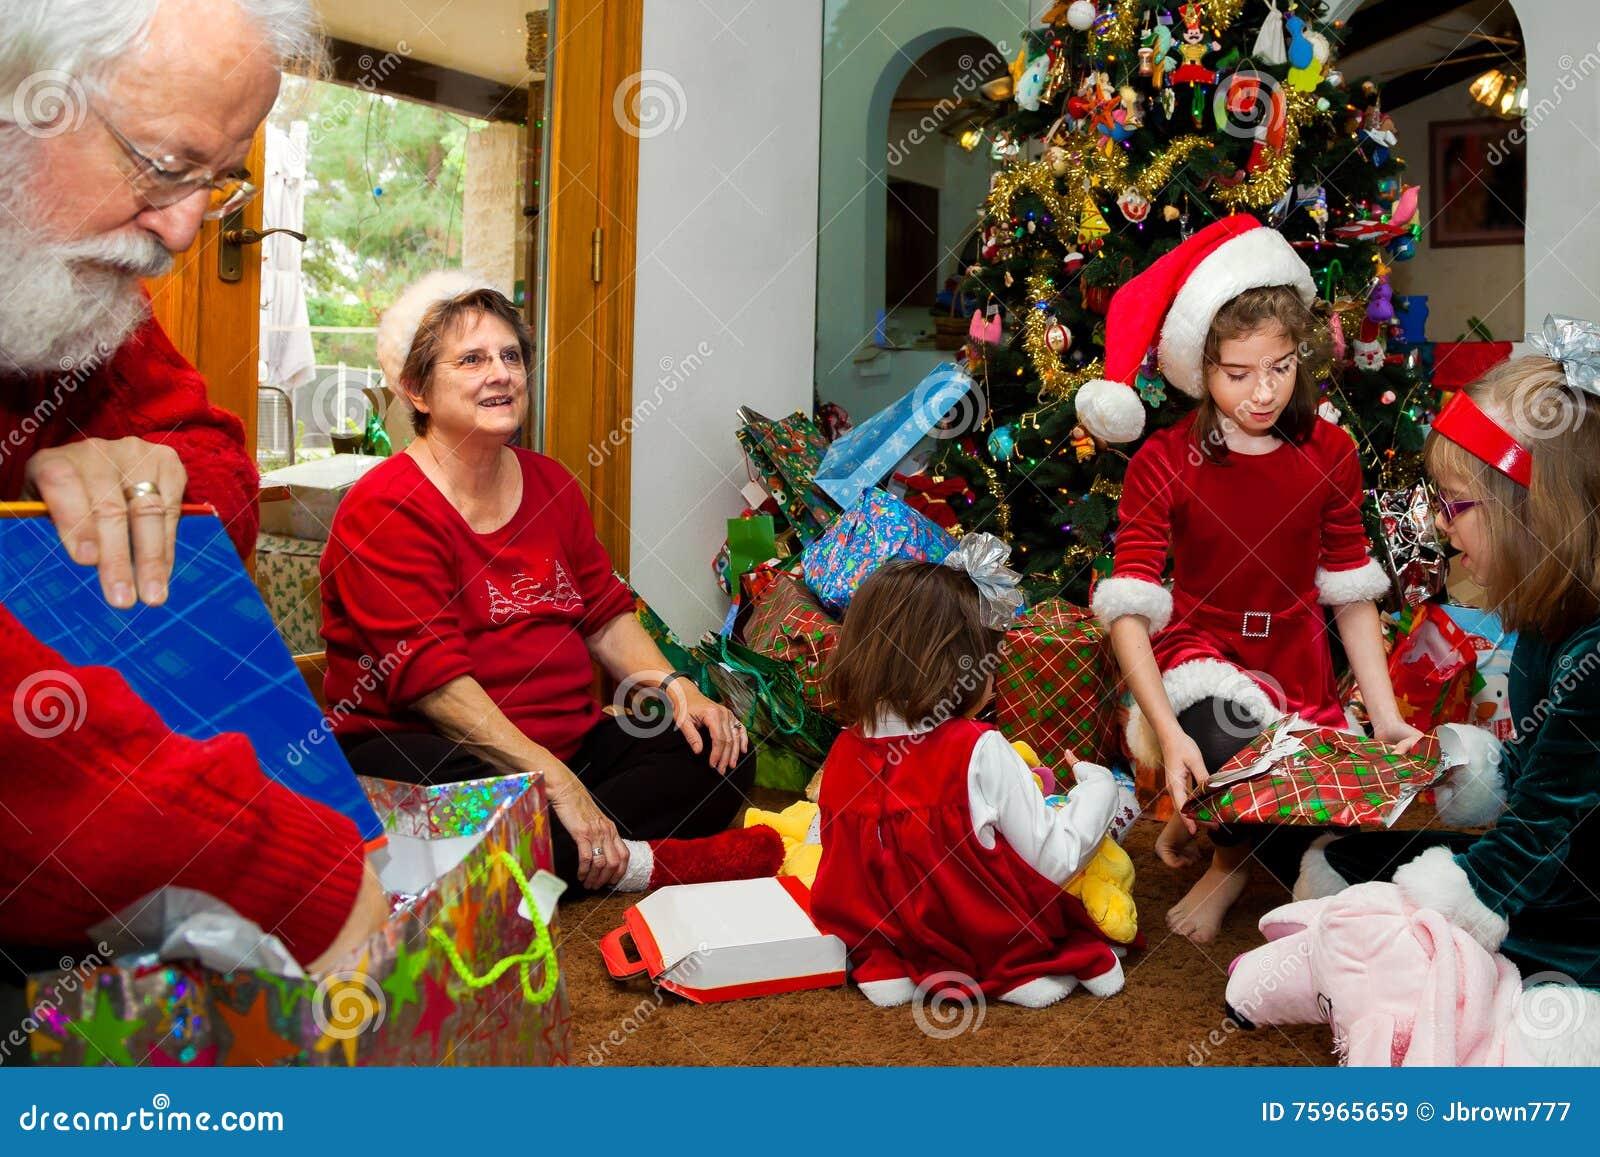 Regali Di Natale Per I Nonni.I Nonni Ed I Grandkids Non Imballato I Regali Di Natale